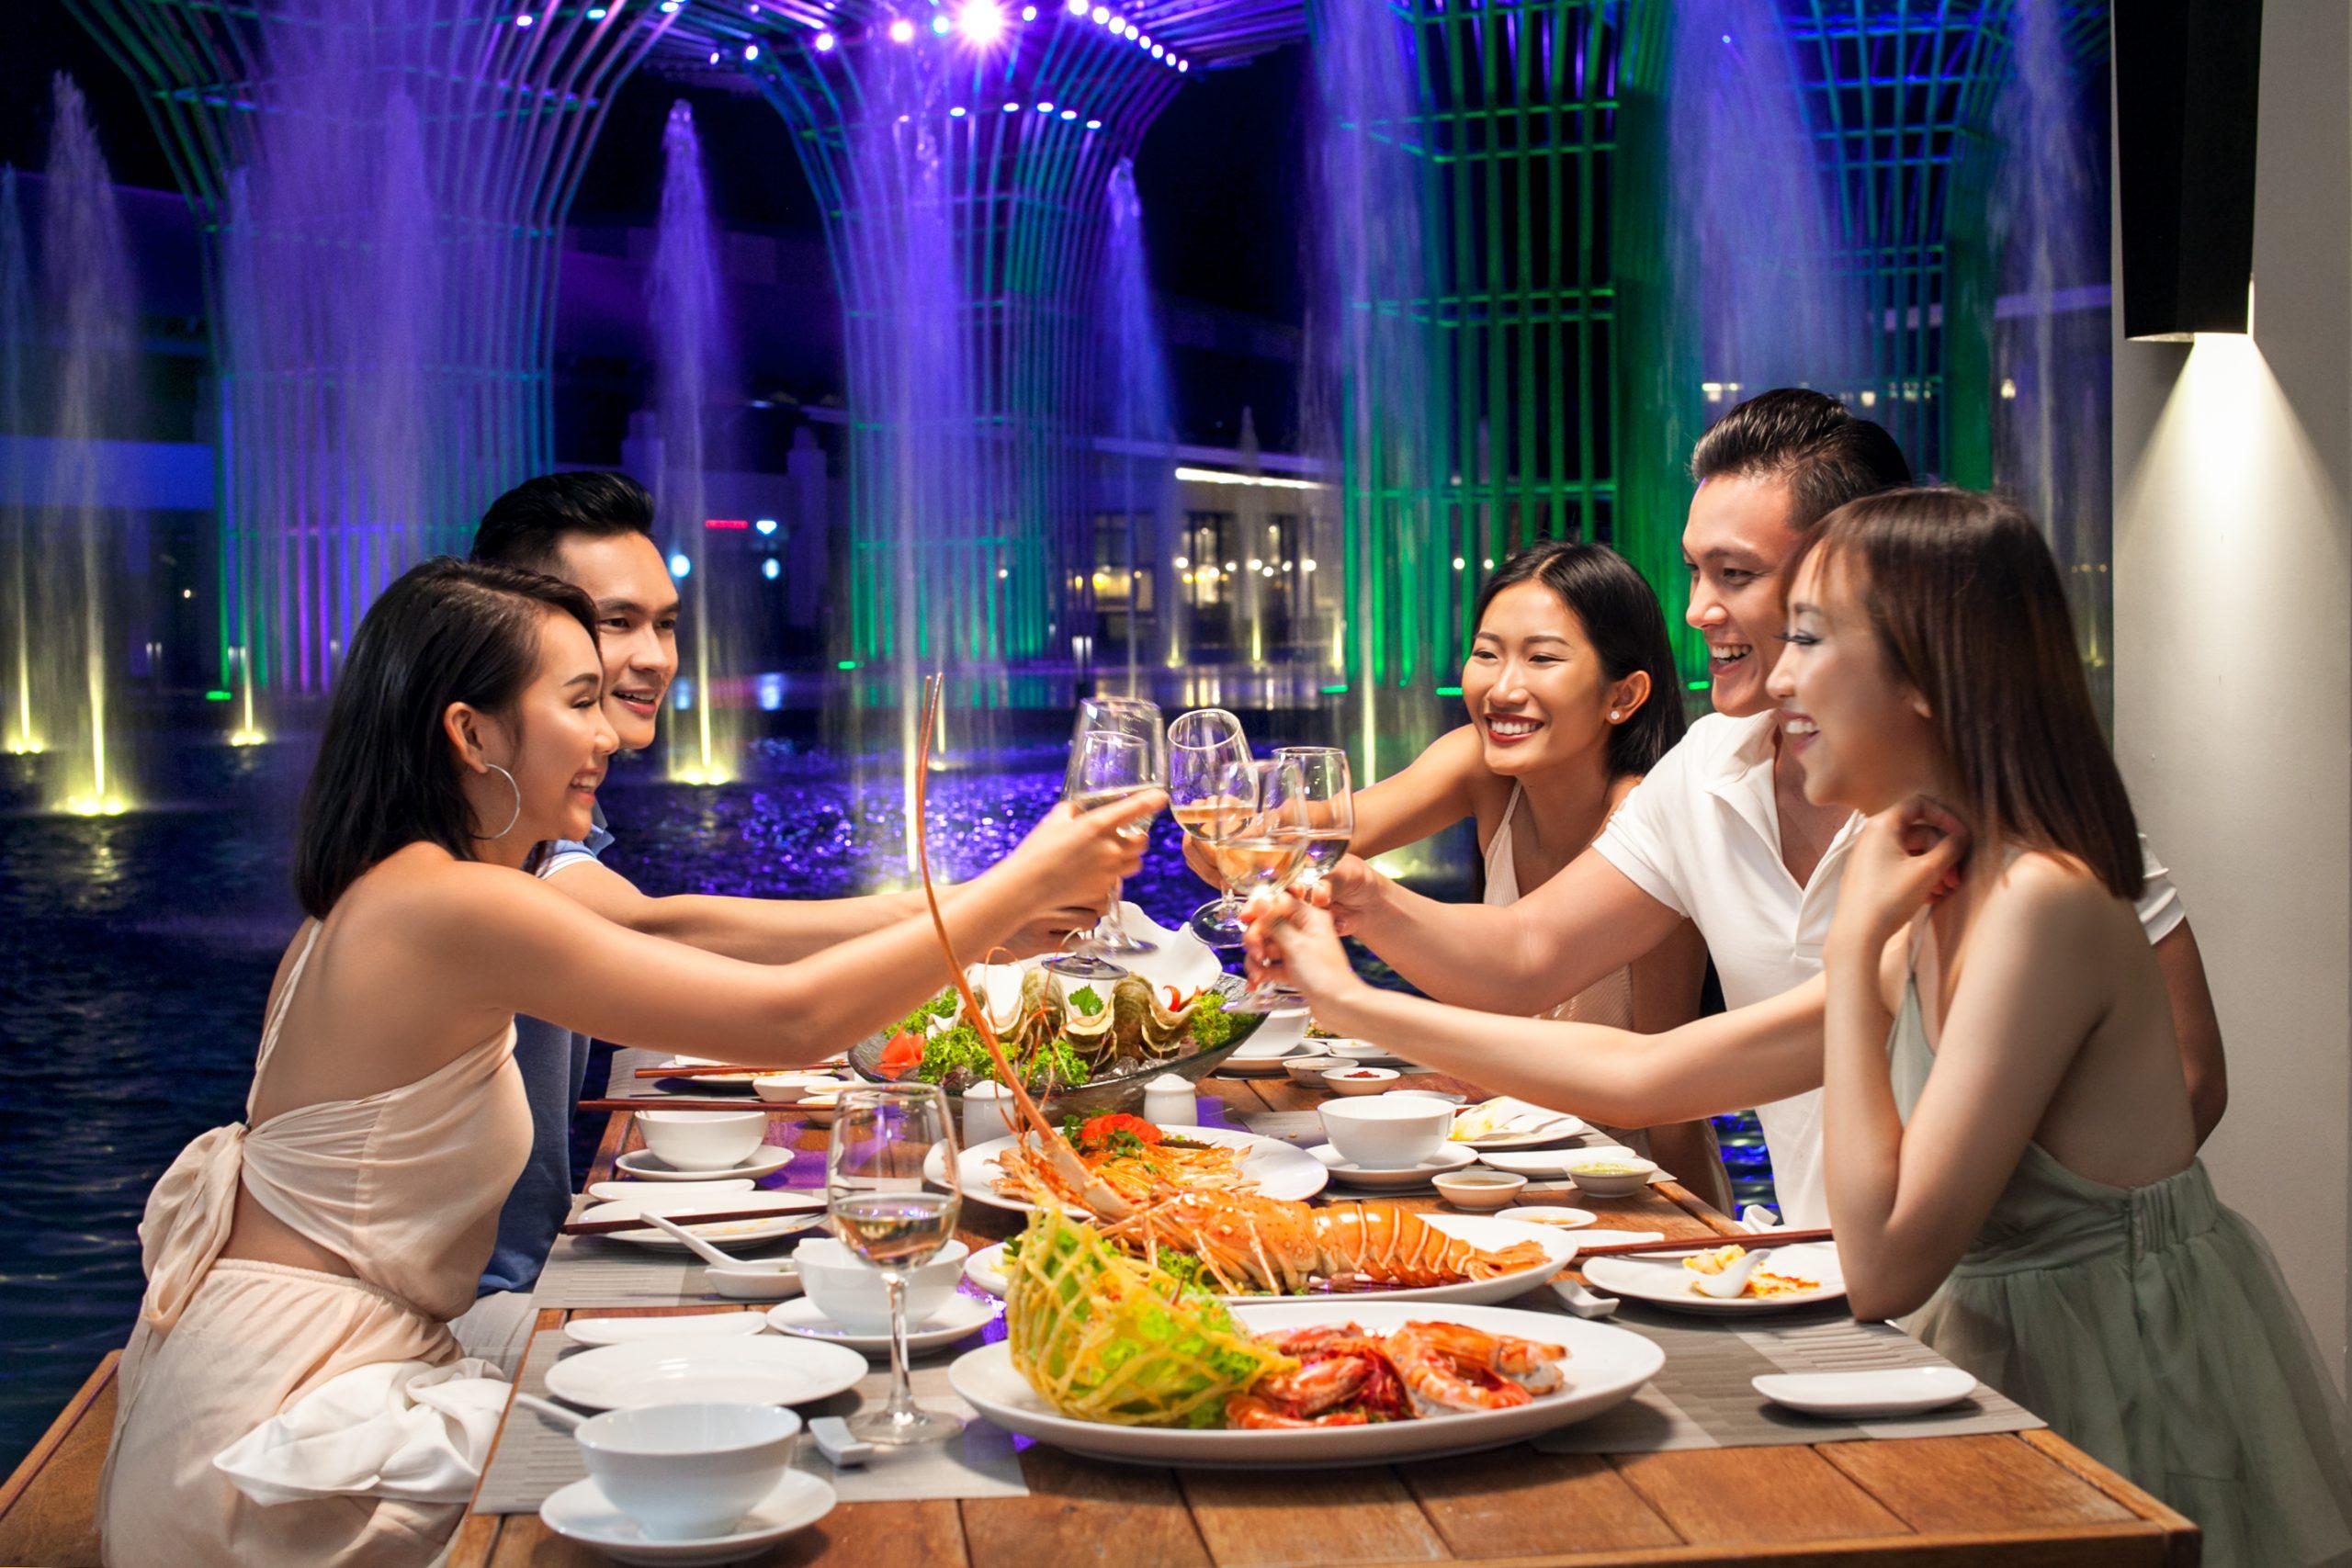 Du khách có thể thưởng thức bữa sáng tại phòng hay những món ăn yêu thích khắp năm châu ngay tại Trung tâm ẩm thực Almaz